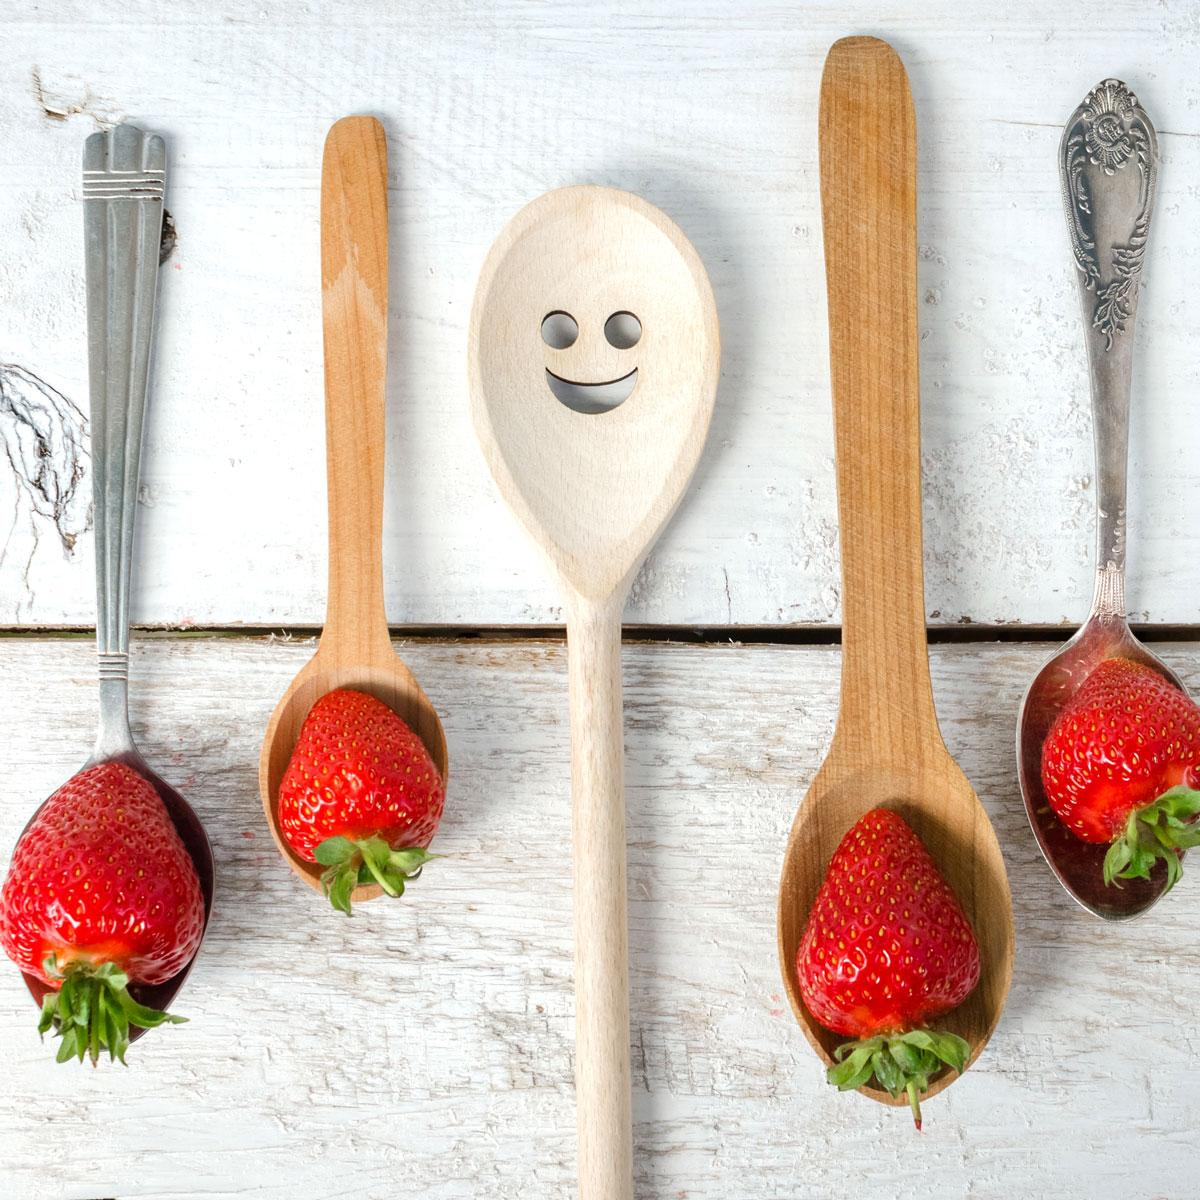 La felicidad en tu plato: alimentos que producen bienestar